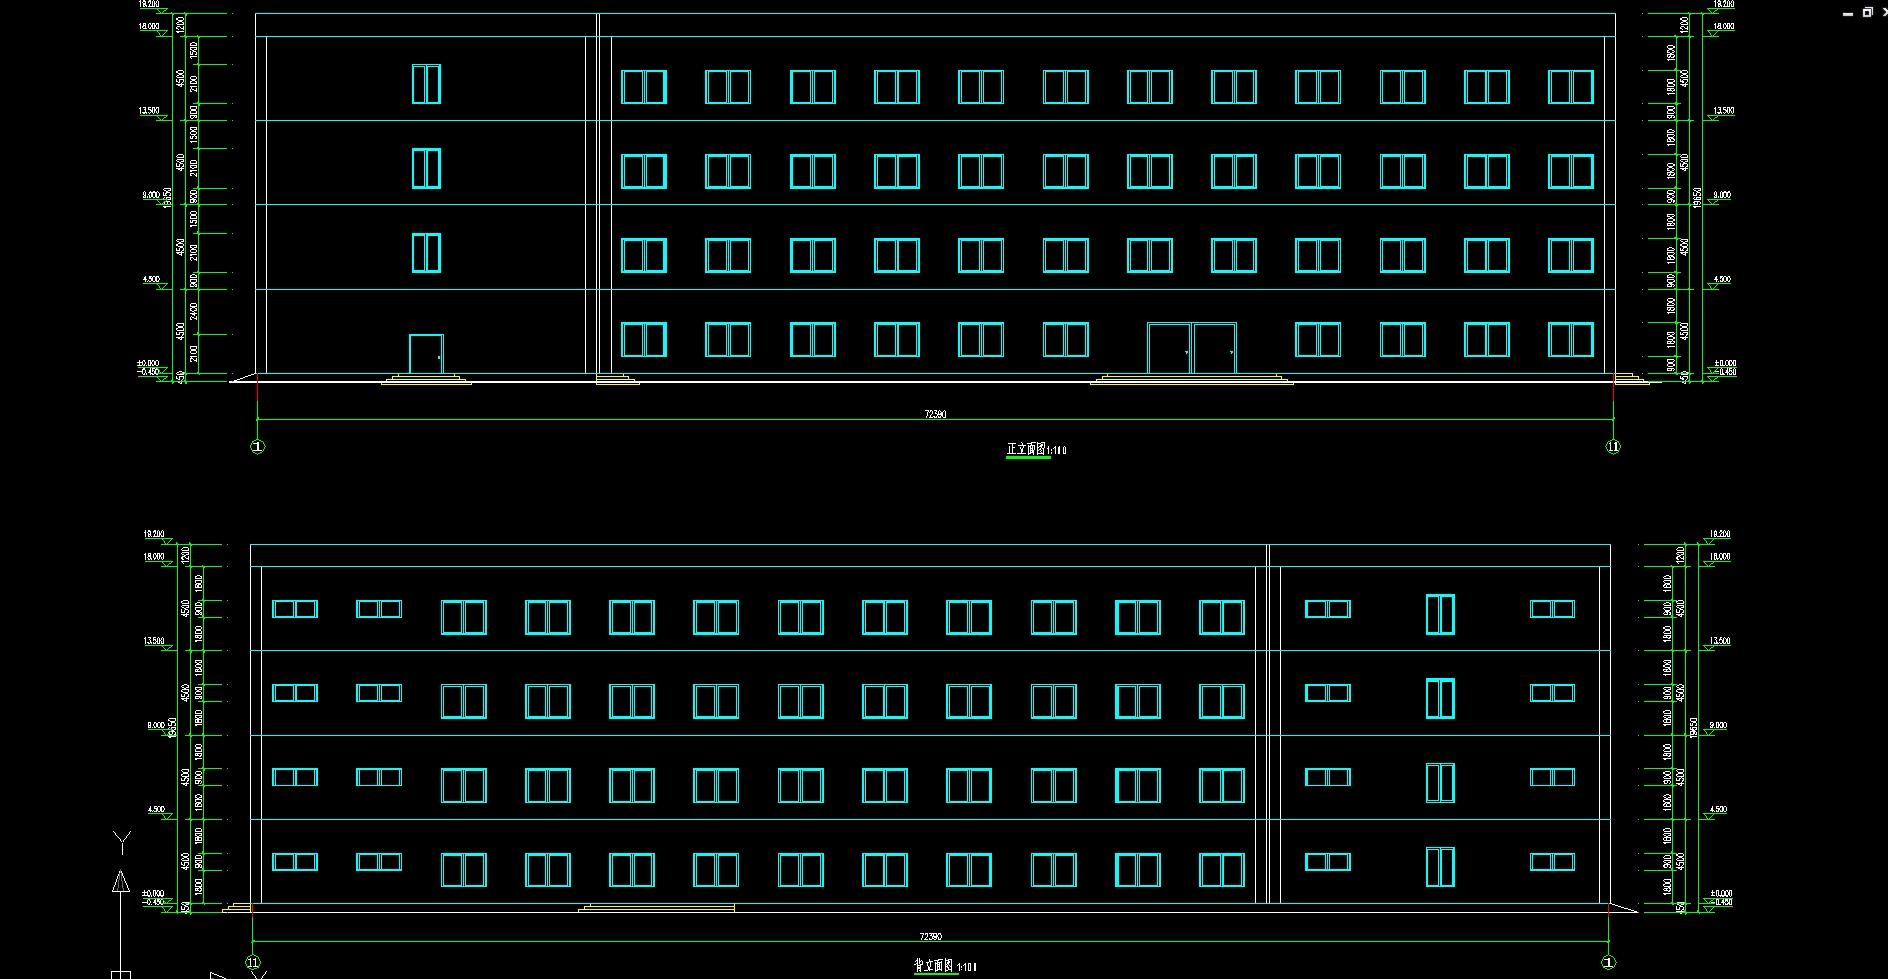 广西贺州四层7268平米中学教学楼设计(建筑图,结构图)(计算书25000字,建筑图6张,结构图8张) 本设计广西贺州某中学2#教学大楼设计。该大楼层数为4层,主框架高度为18m,结构类型为钢筋混凝土框架结构。 1.1 设计原始资料 1.1.1 工程概况 该工程为现浇钢筋混凝土框架结 构,建筑面积7268.